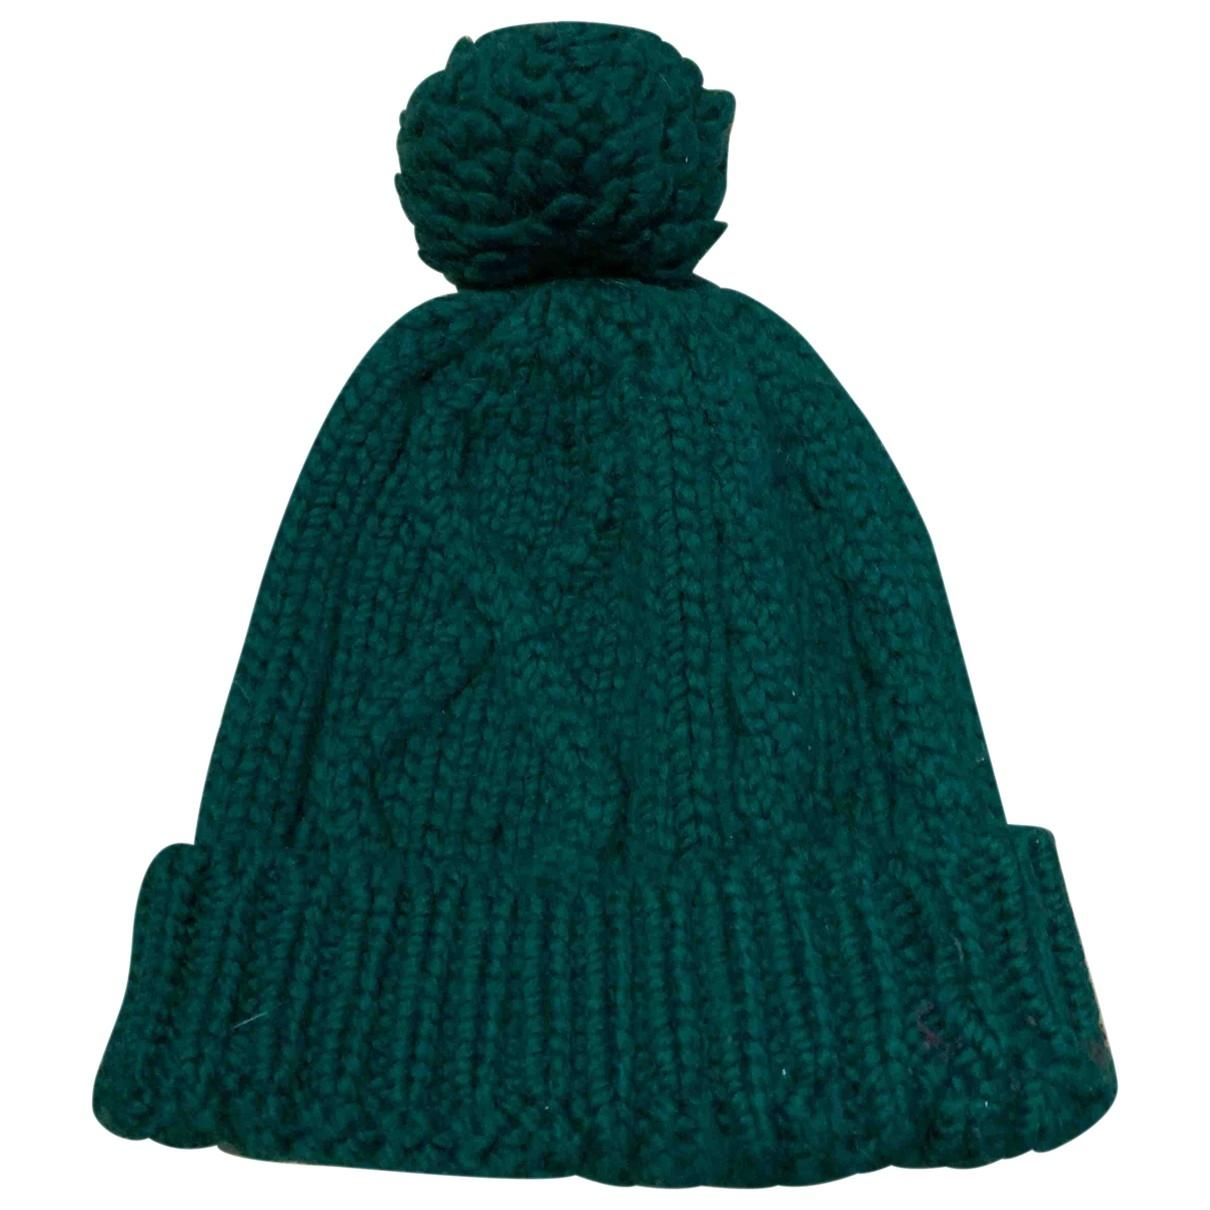 Dsquared2 - Chapeau & Bonnets   pour homme en laine - vert